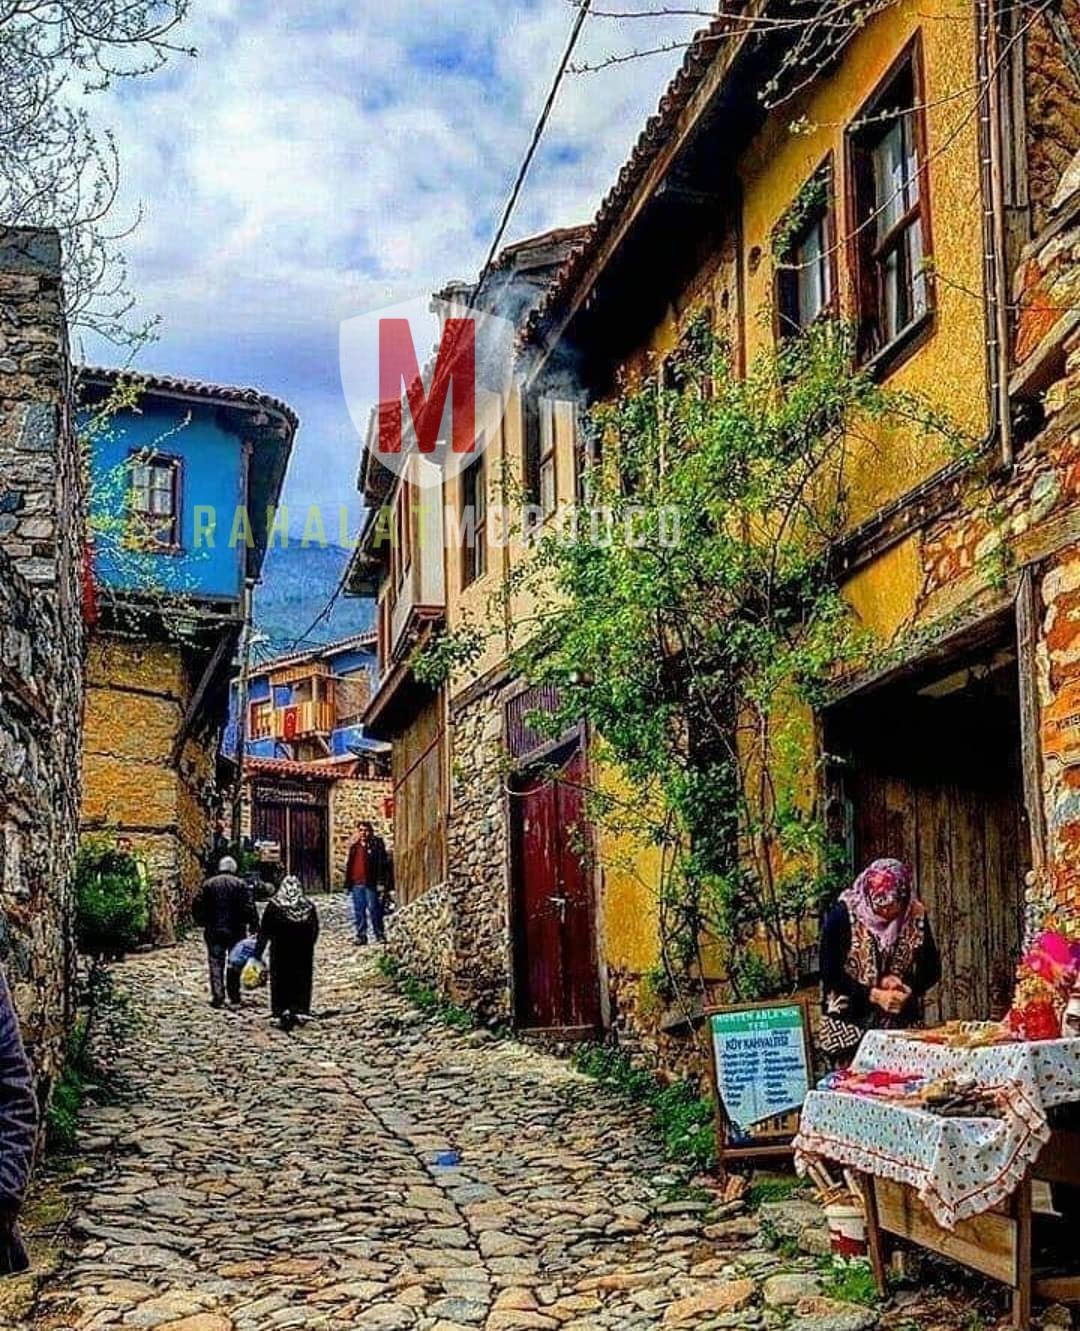 الاماكن السياحية في تركيا رحلة بورصة